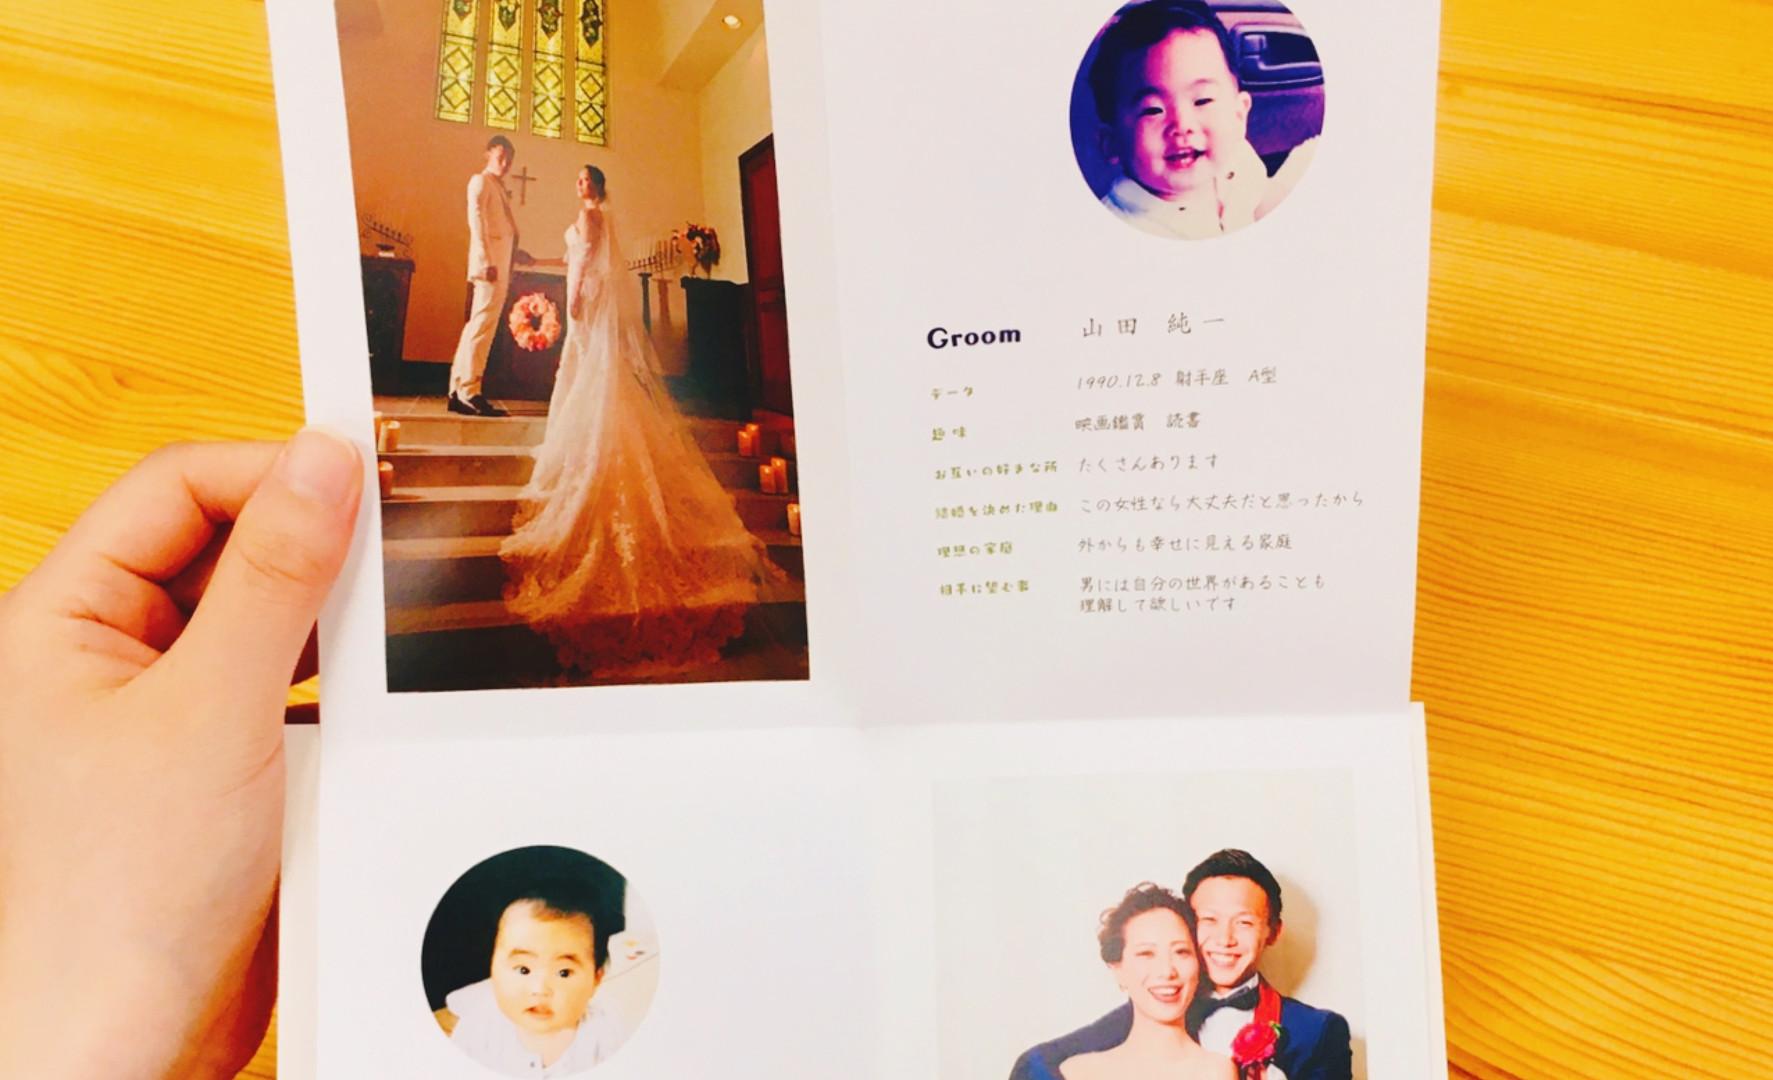 手持ち Just married デザイン5-A-5.jpg